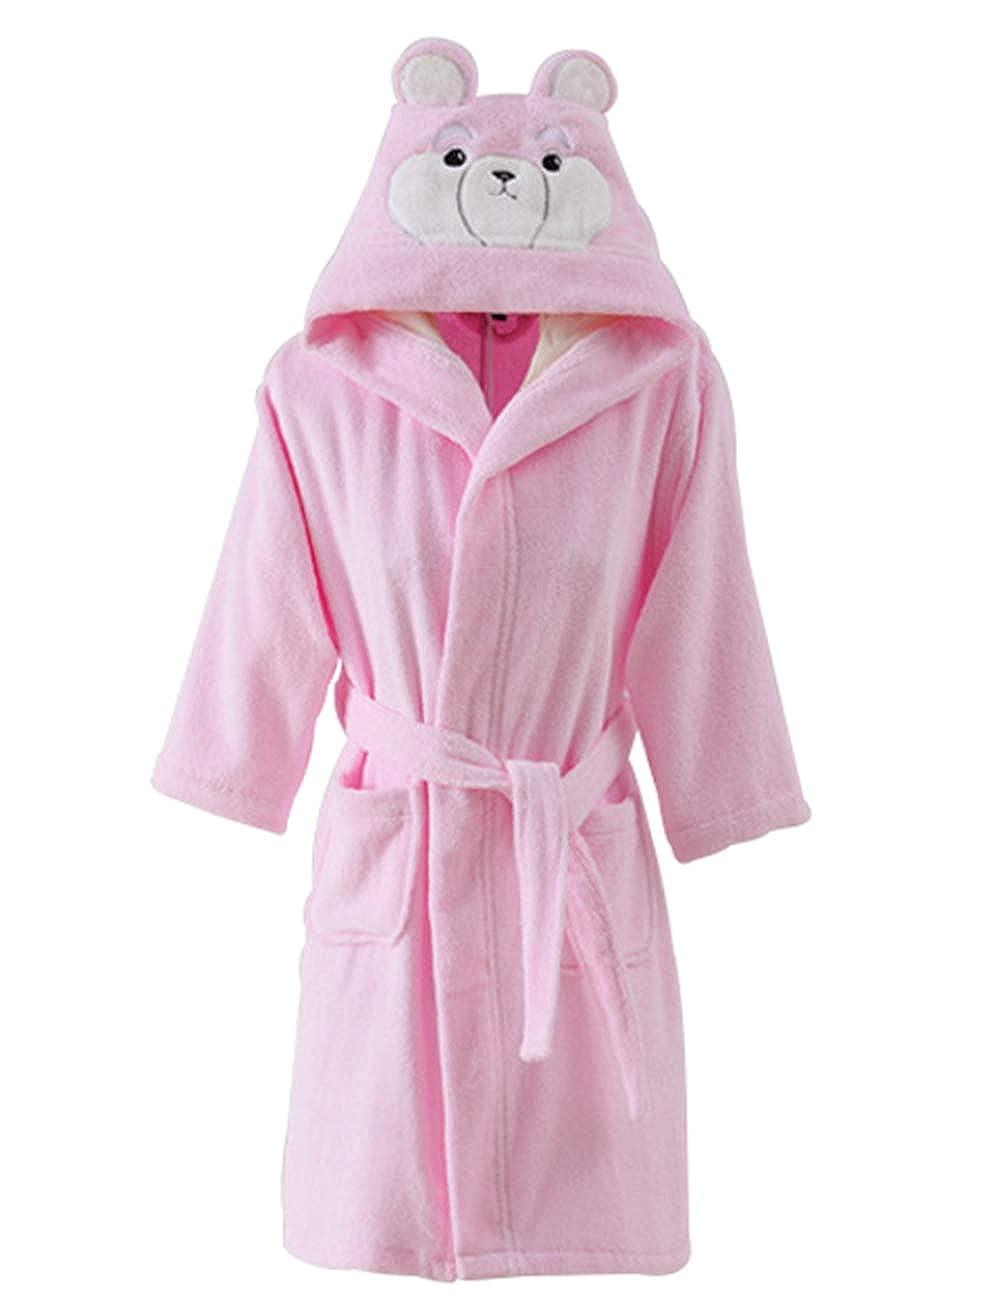 rose 4A HAHA  Garçon Fille Peignoir Sorcravate Drap de Bain pour Enfants Serviette de Bain VêteHommests de Nuit Pyjamas Robe de Chambre Coton 100%